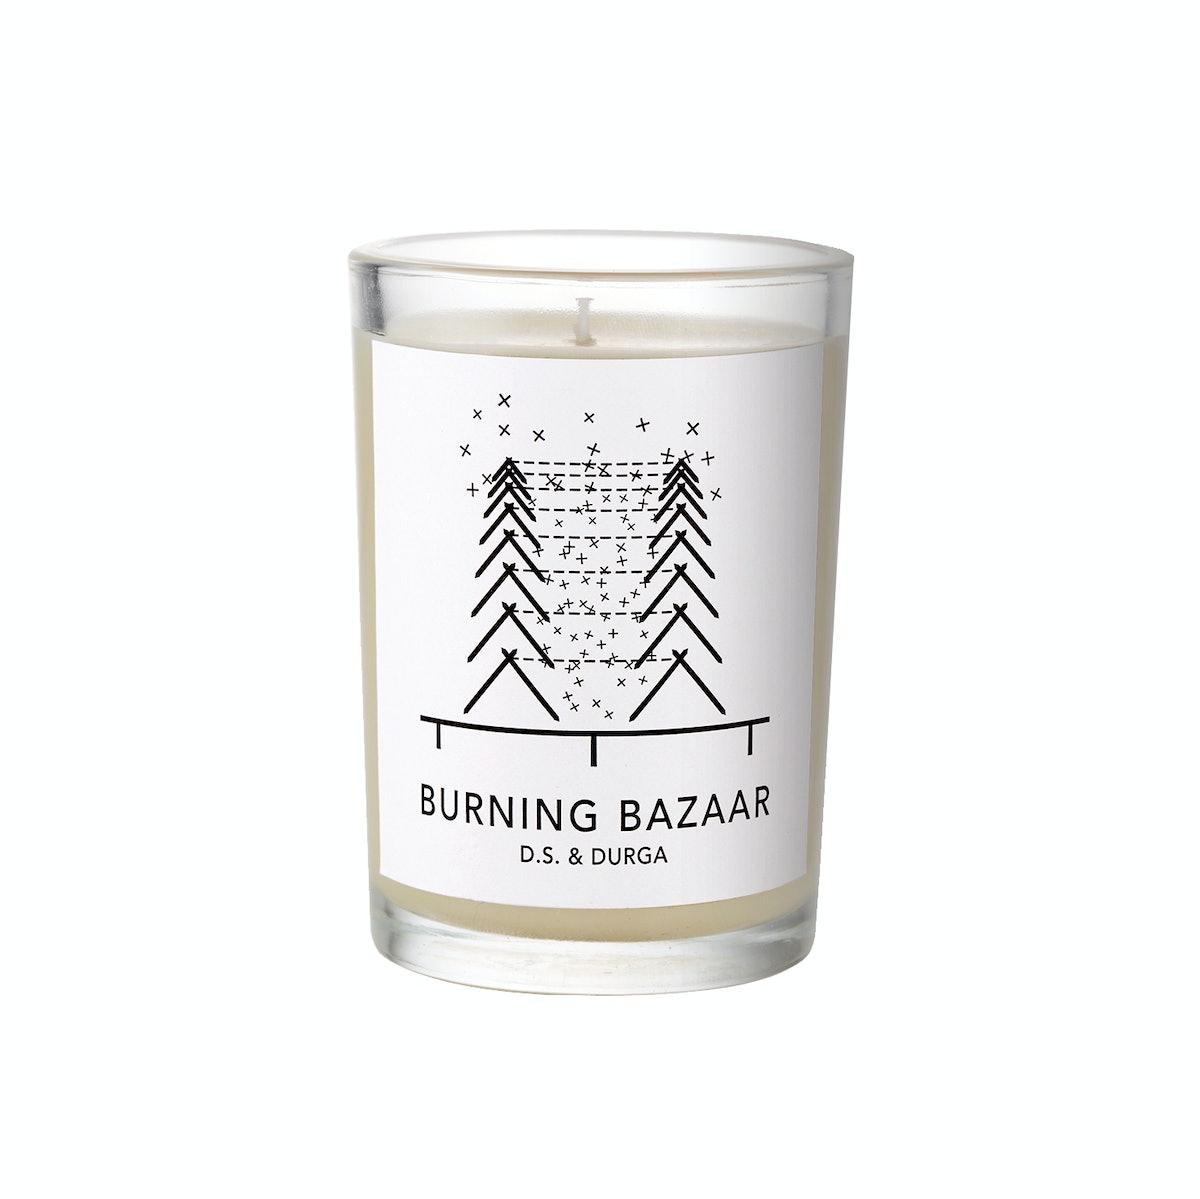 151104_5012_burning_bazaar